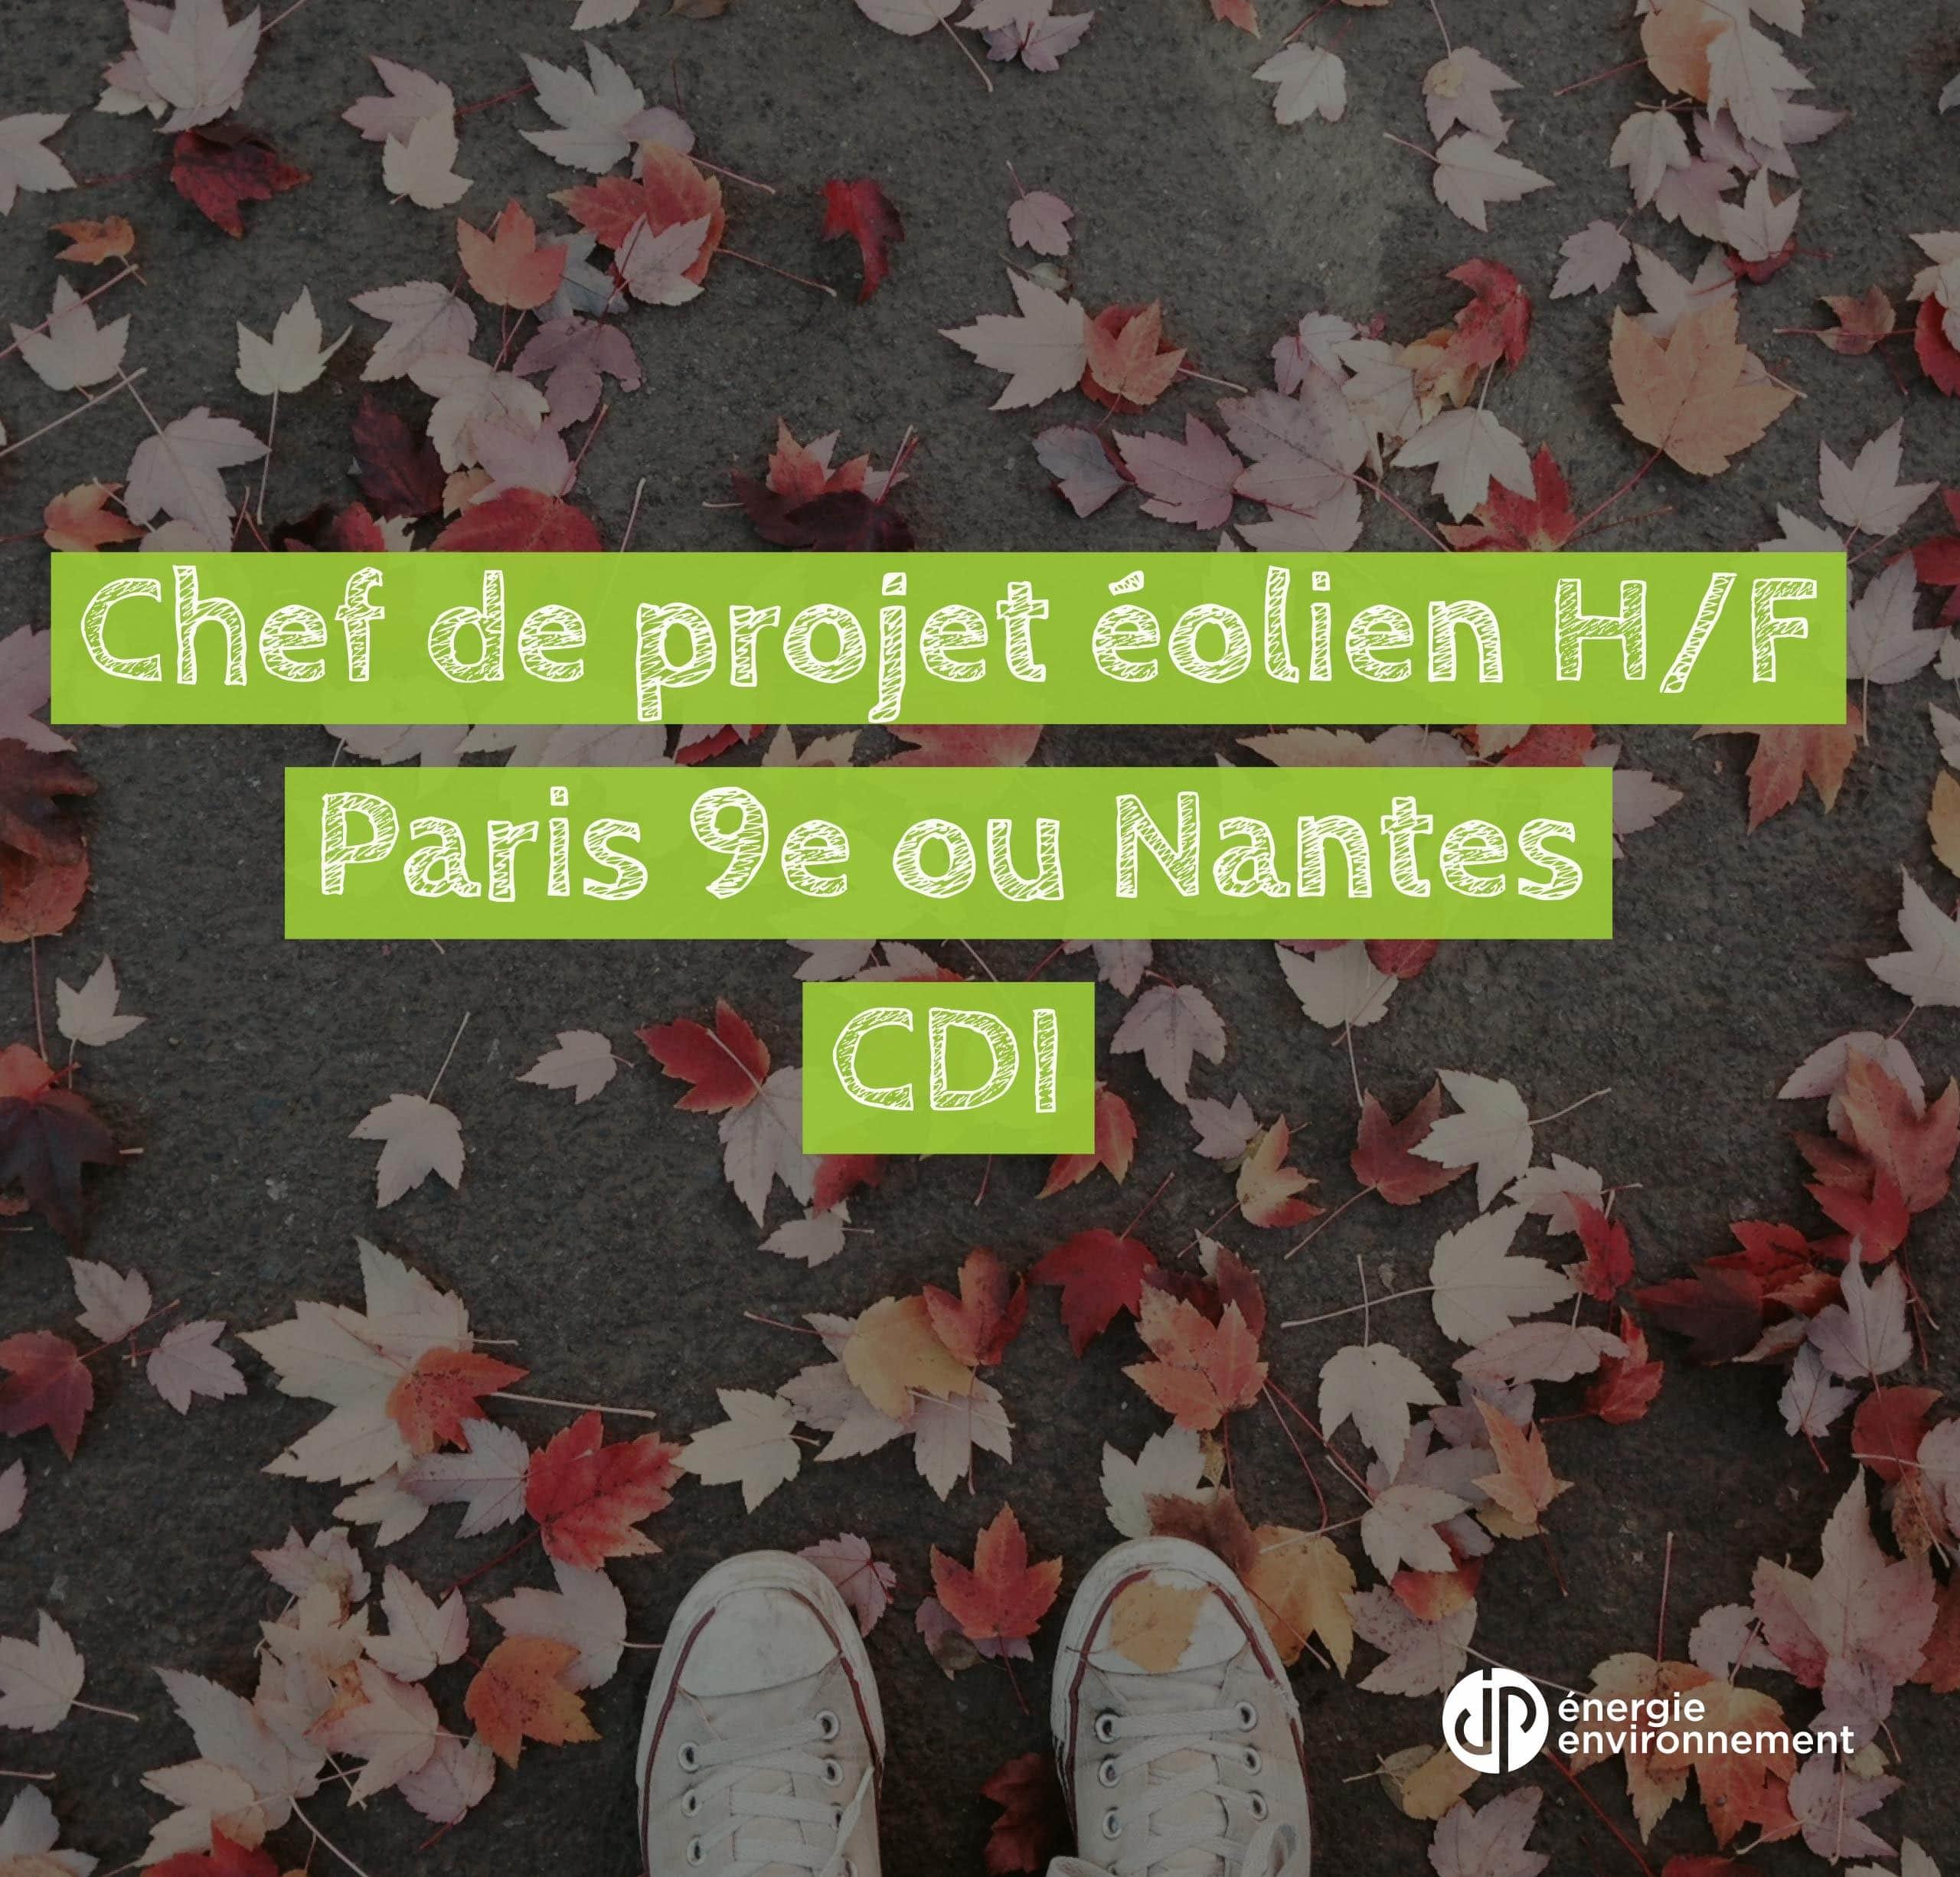 [JOB] CHEF DE PROJET EOLIEN H/F (CDI) Paris ou Nantes